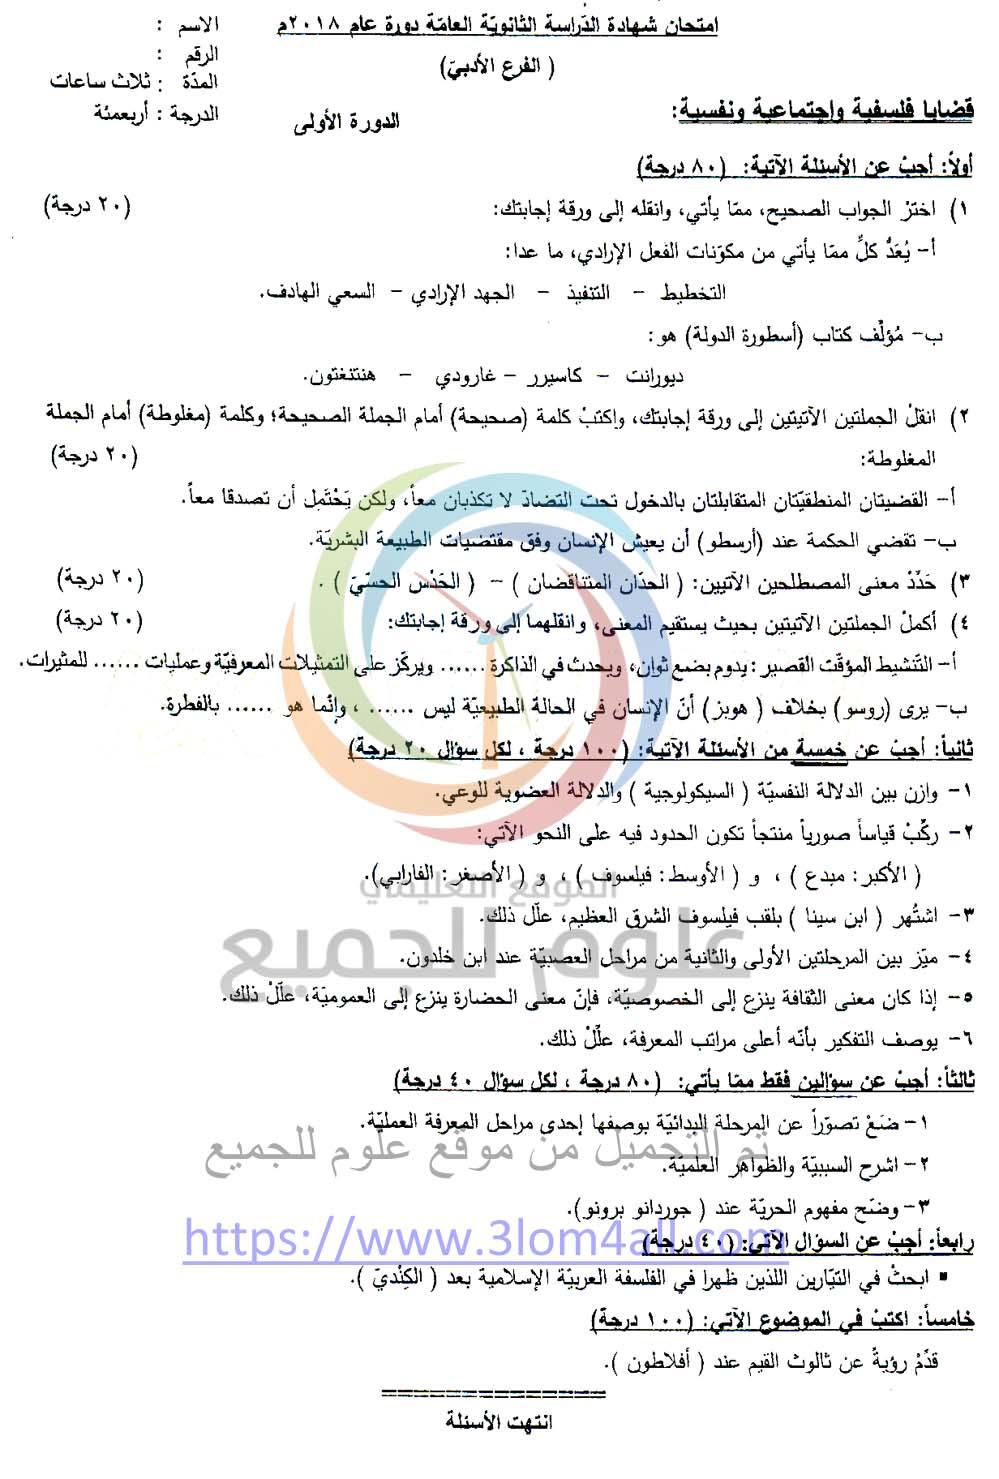 ورقة اسئلة الفلسفة بكالوريا أدبي 2018 في سوريا - الدورة الاولى